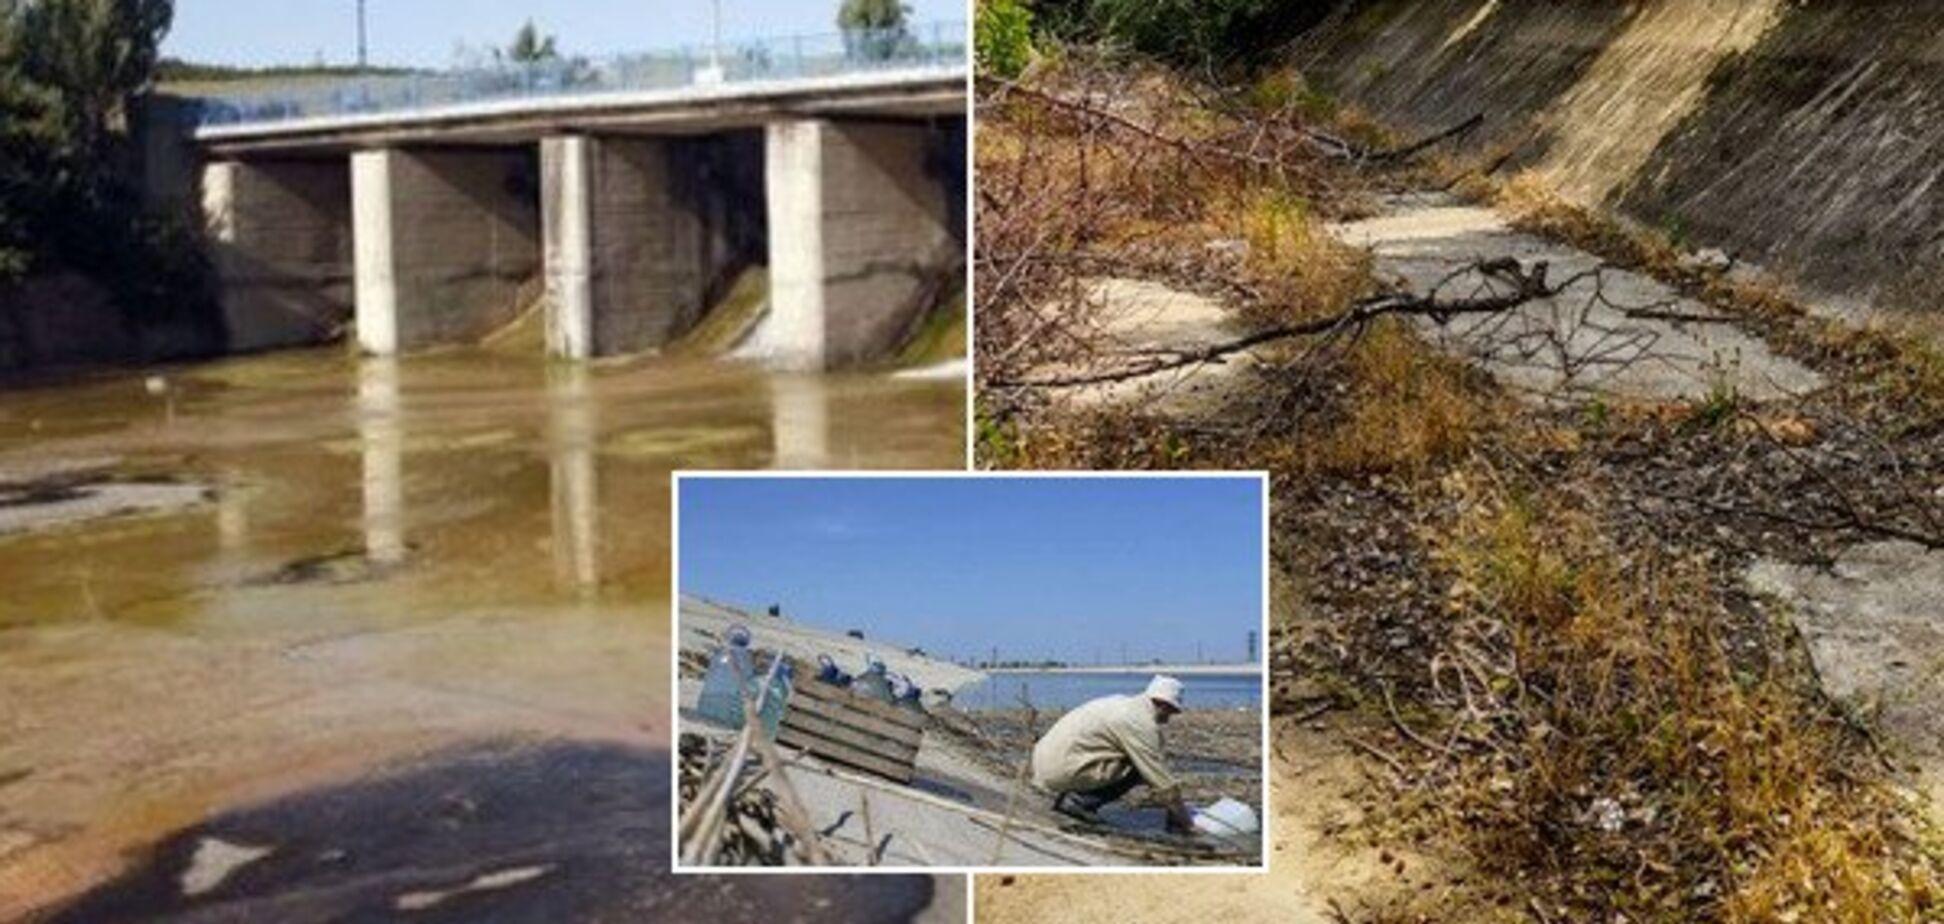 Люди залишають будинки, вода отруєна. У Крим прийшла нова біда